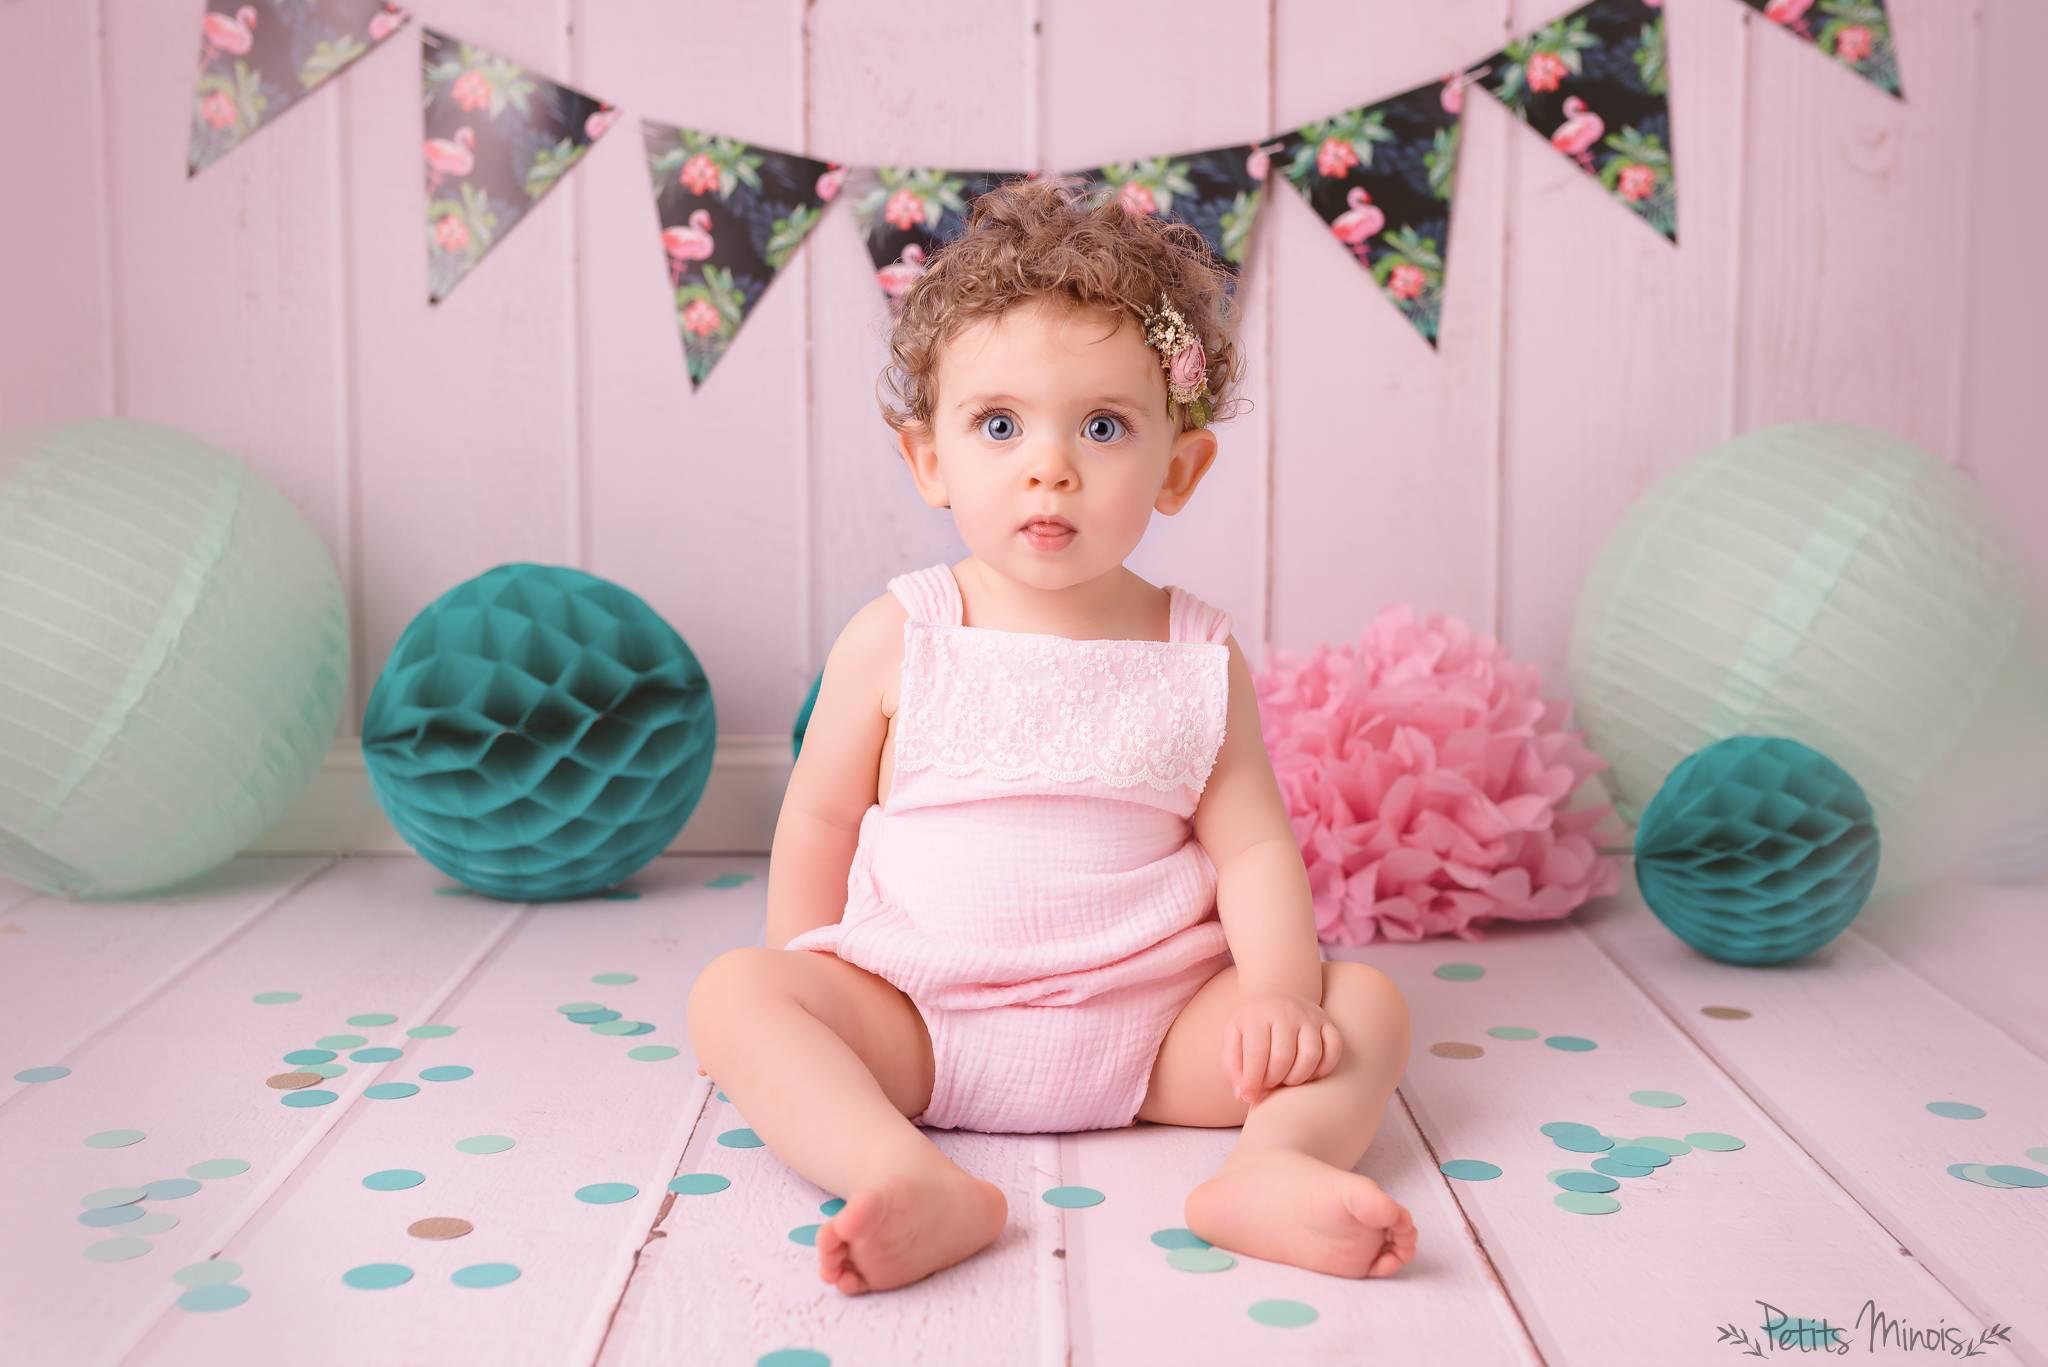 séance photo bébé brest petits minois